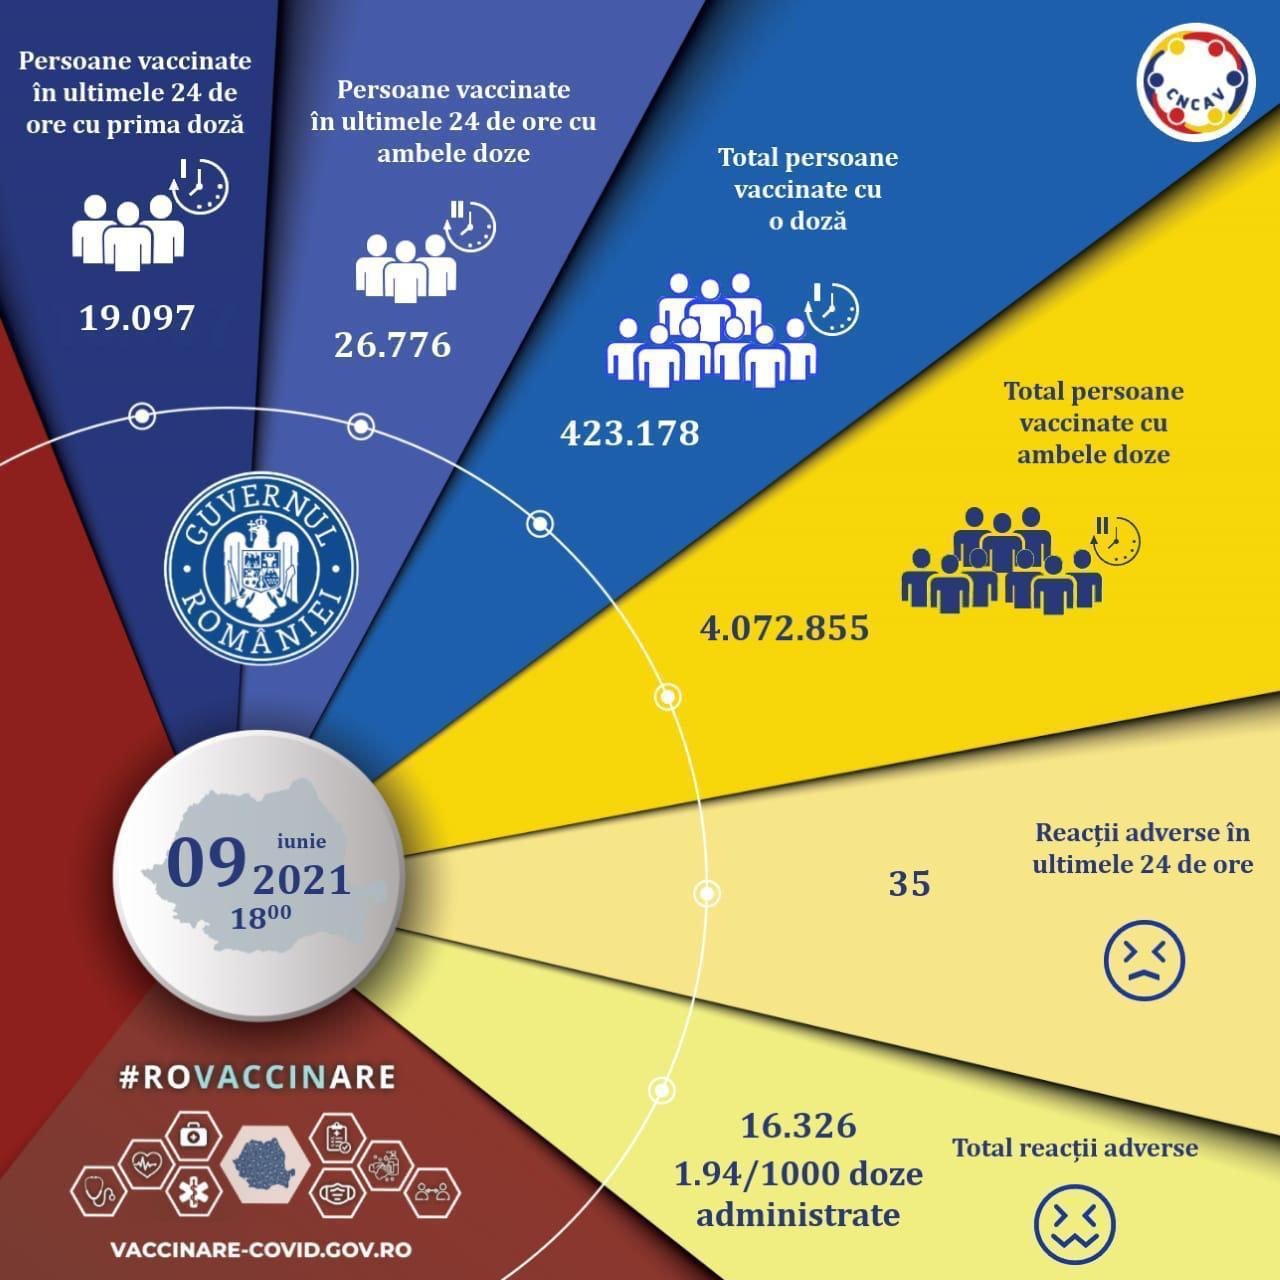 Aproape 46.000 de români s-au vaccinat în ultimele 24 de ore, doar 19.097 cu prima doză